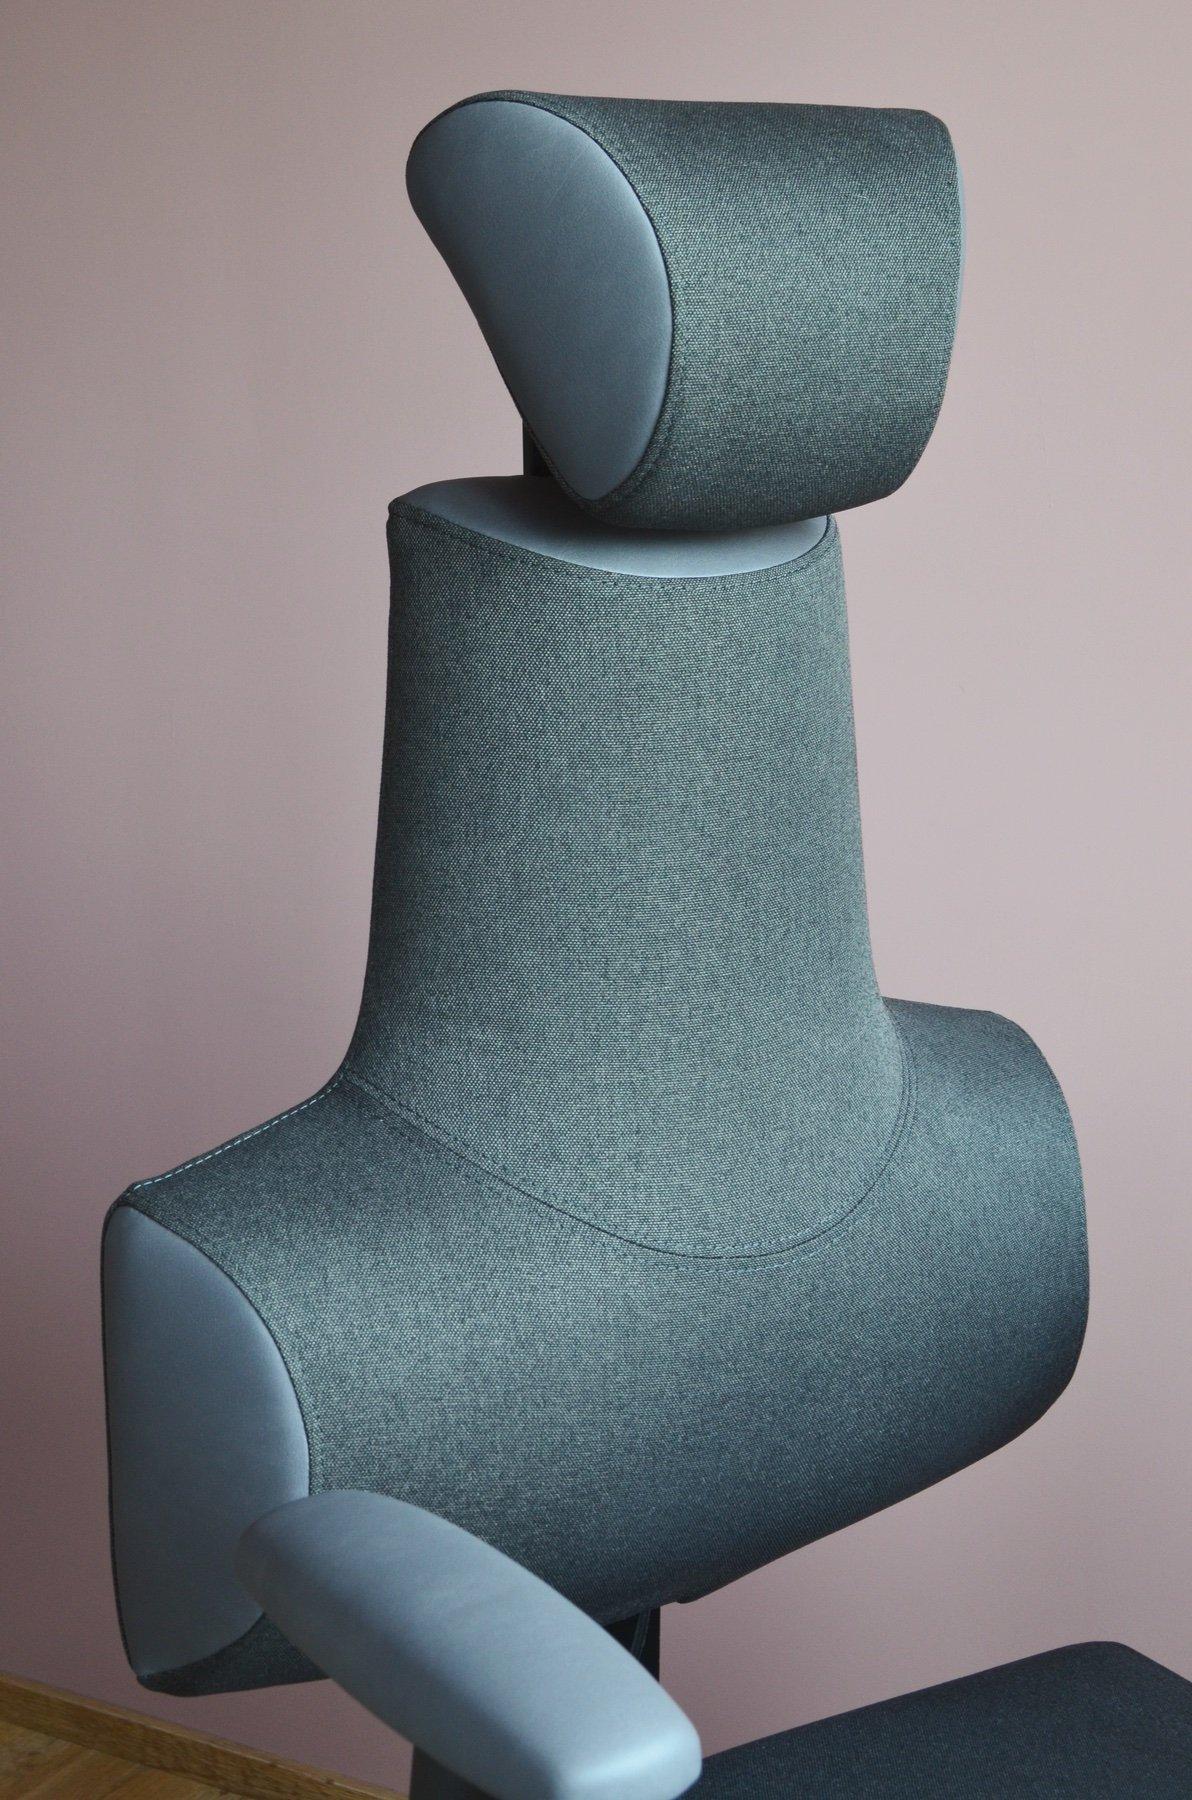 Zádová opěra židle Therapia Sense